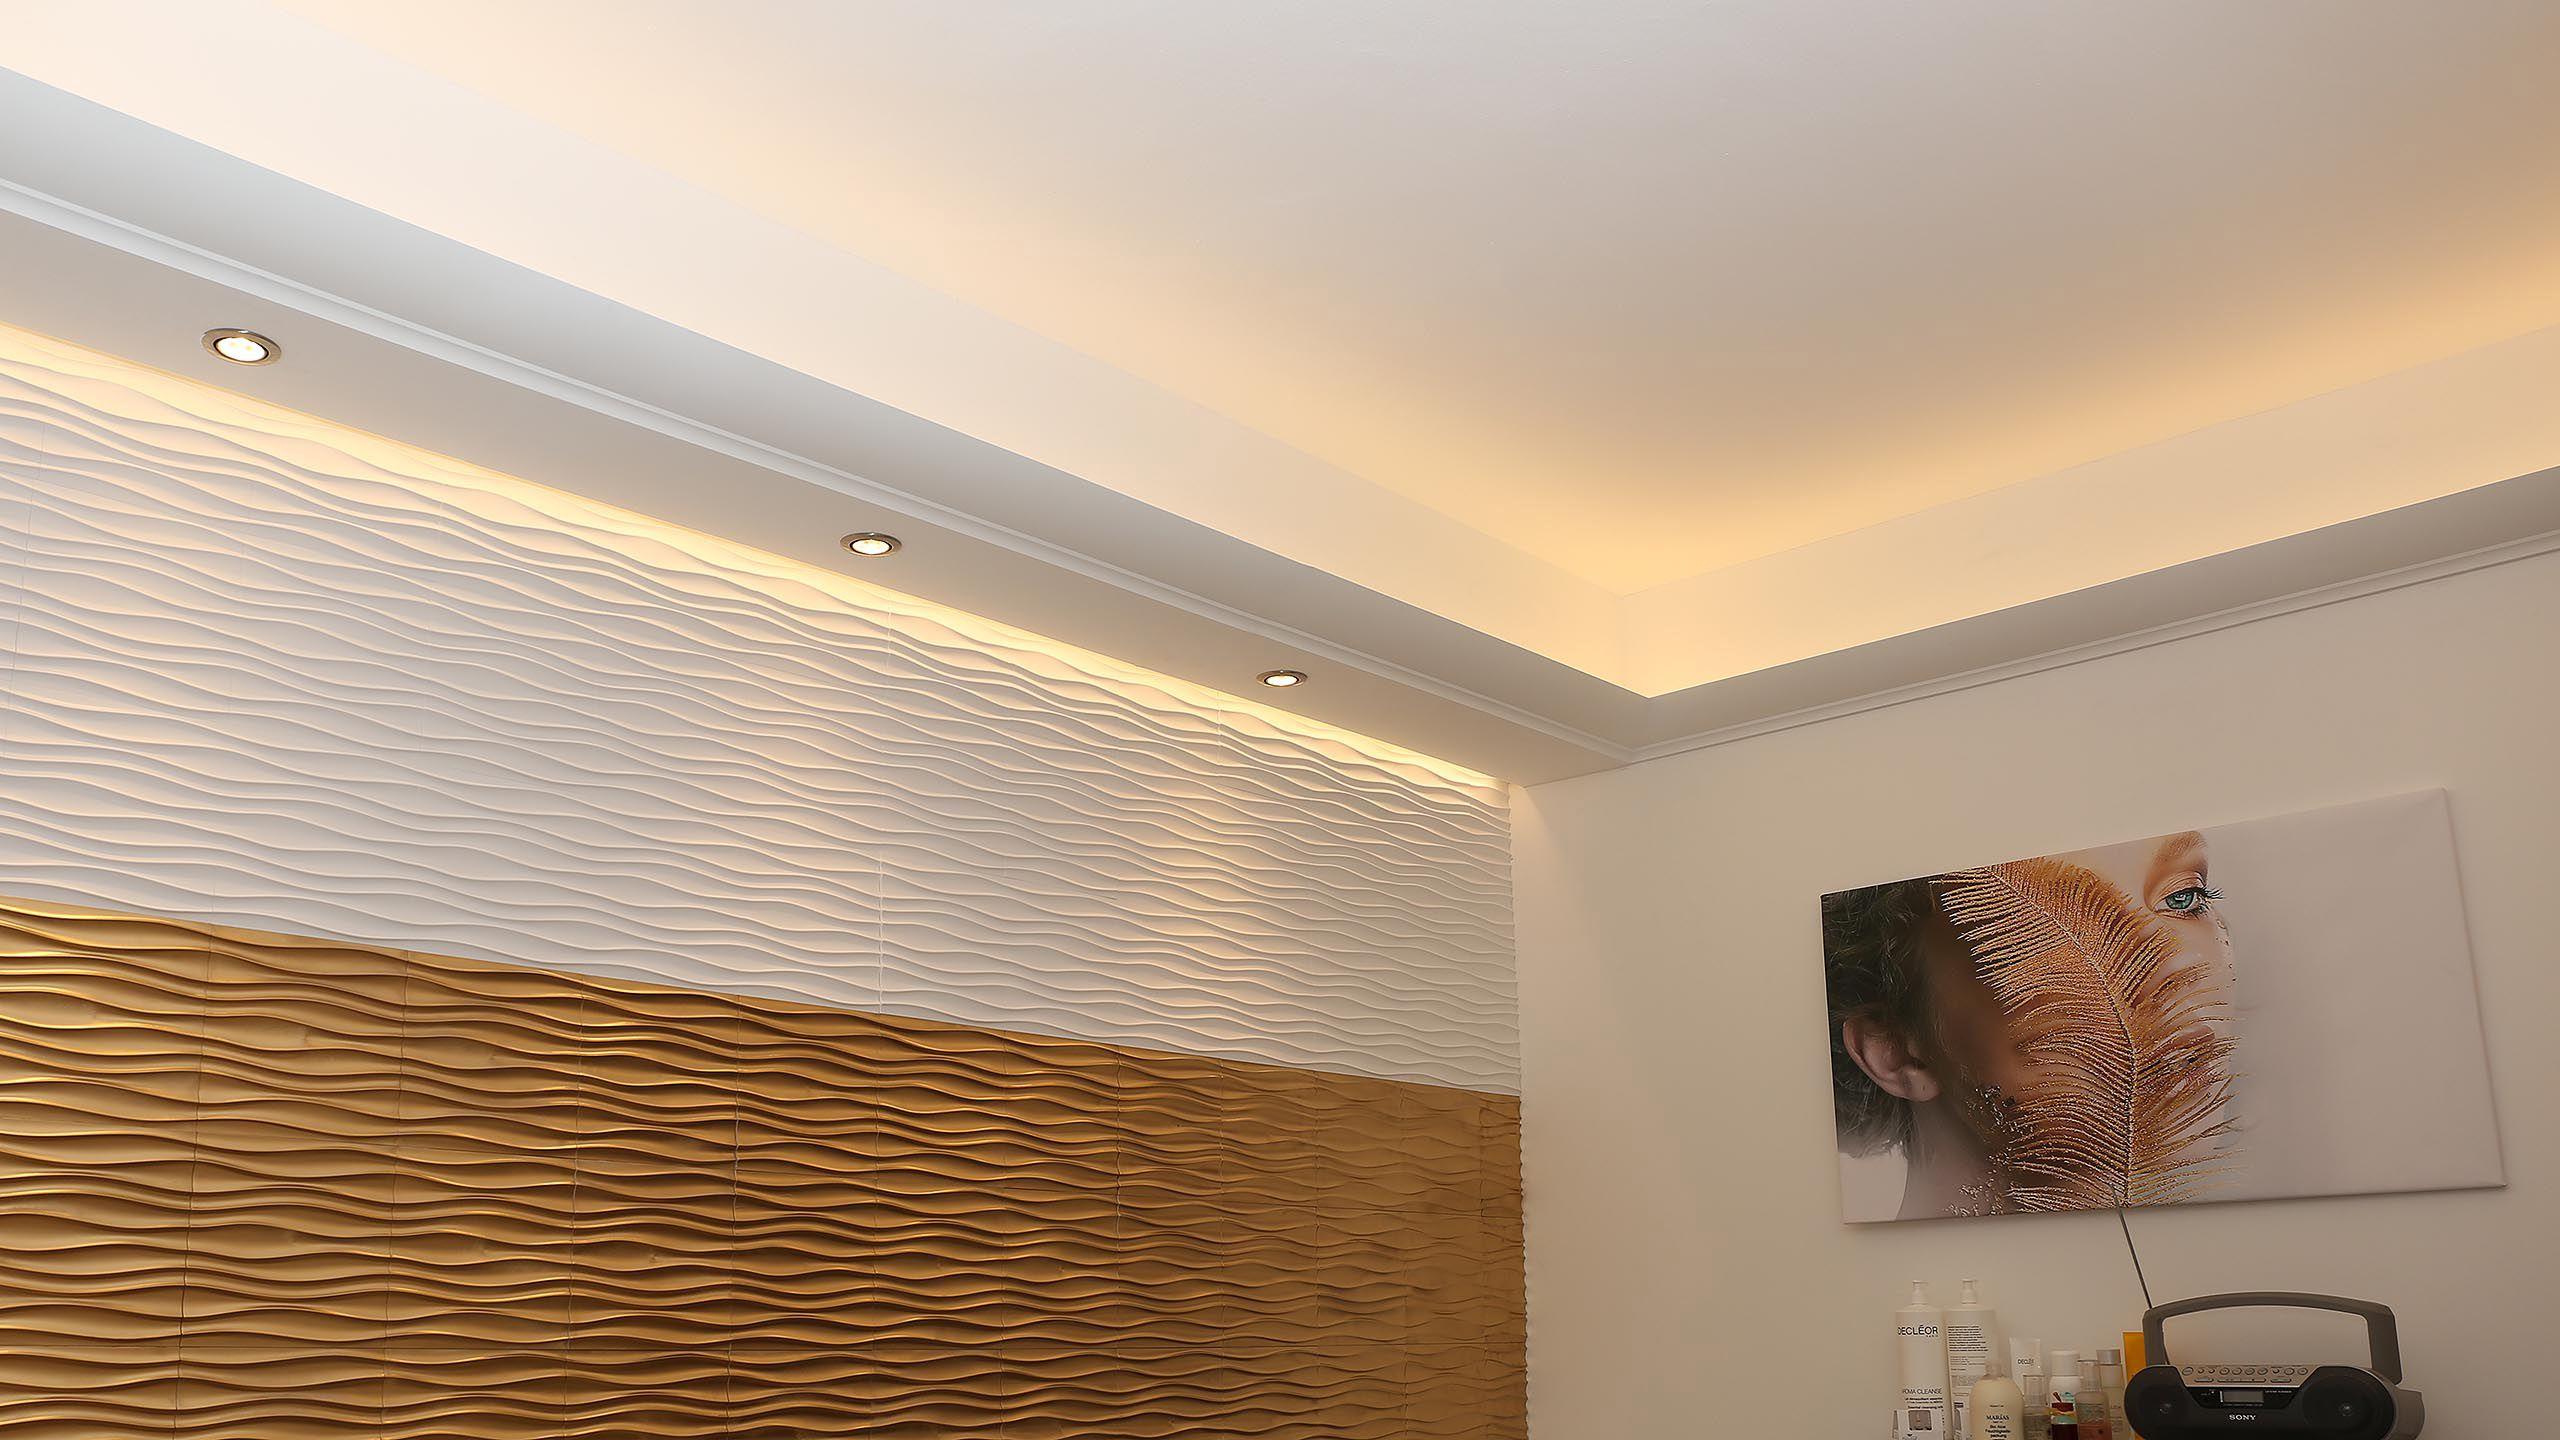 Bendu Bildergalerie Hier Beispiele Und Losungen Entdecken Led Stuckleiste Wandbeleuchtung Direkte Beleuchtung